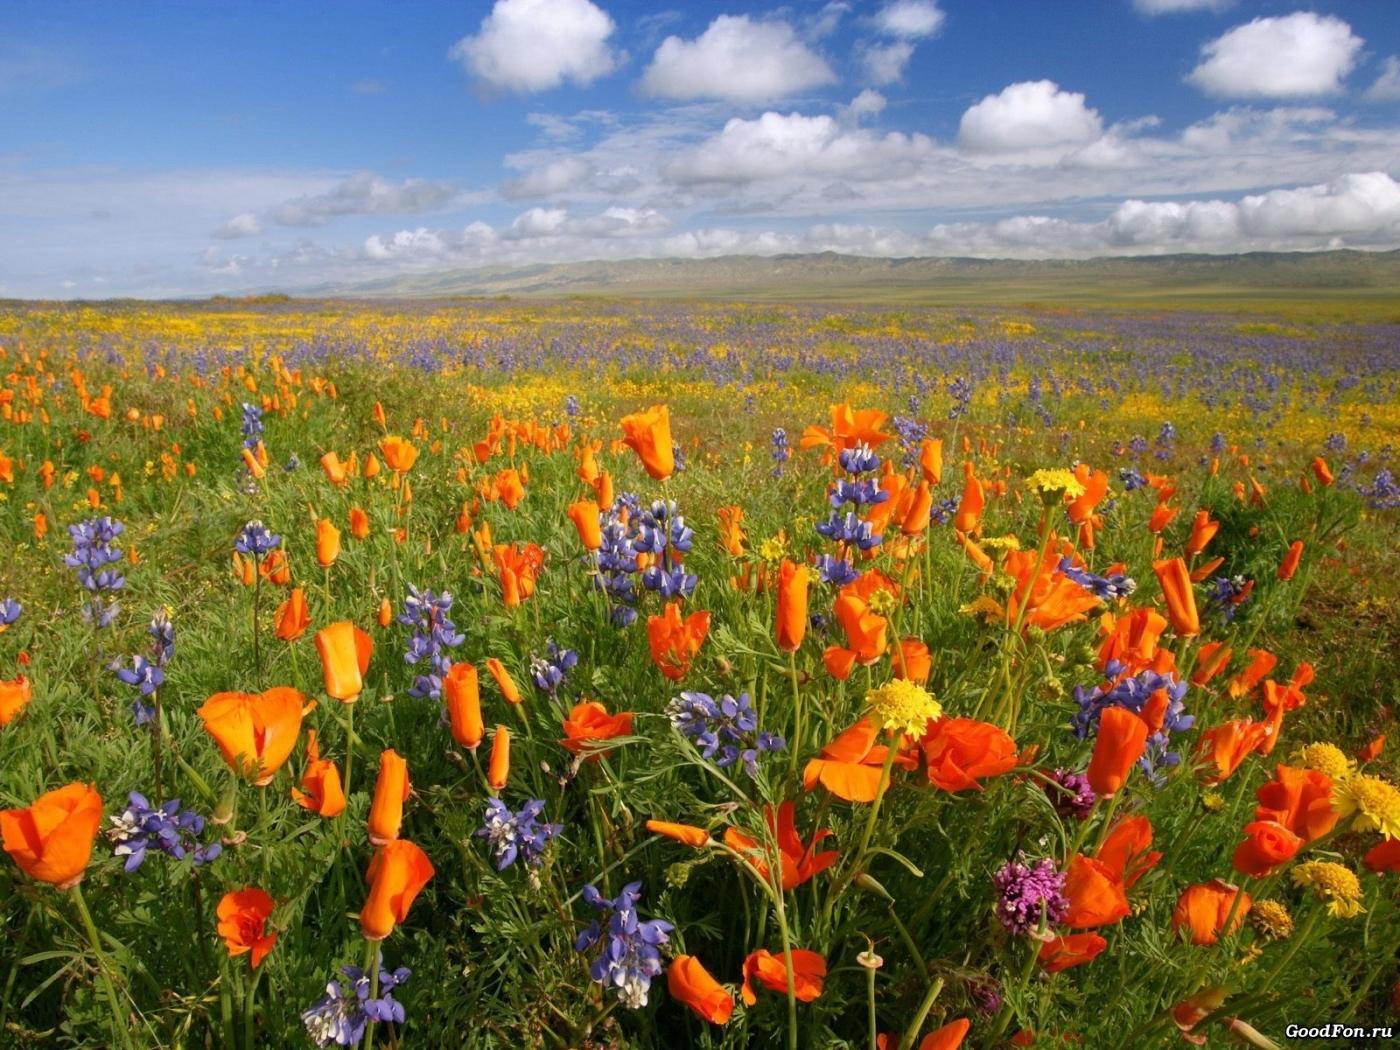 25933 скачать обои Растения, Пейзаж, Цветы, Поля, Небо, Облака - заставки и картинки бесплатно